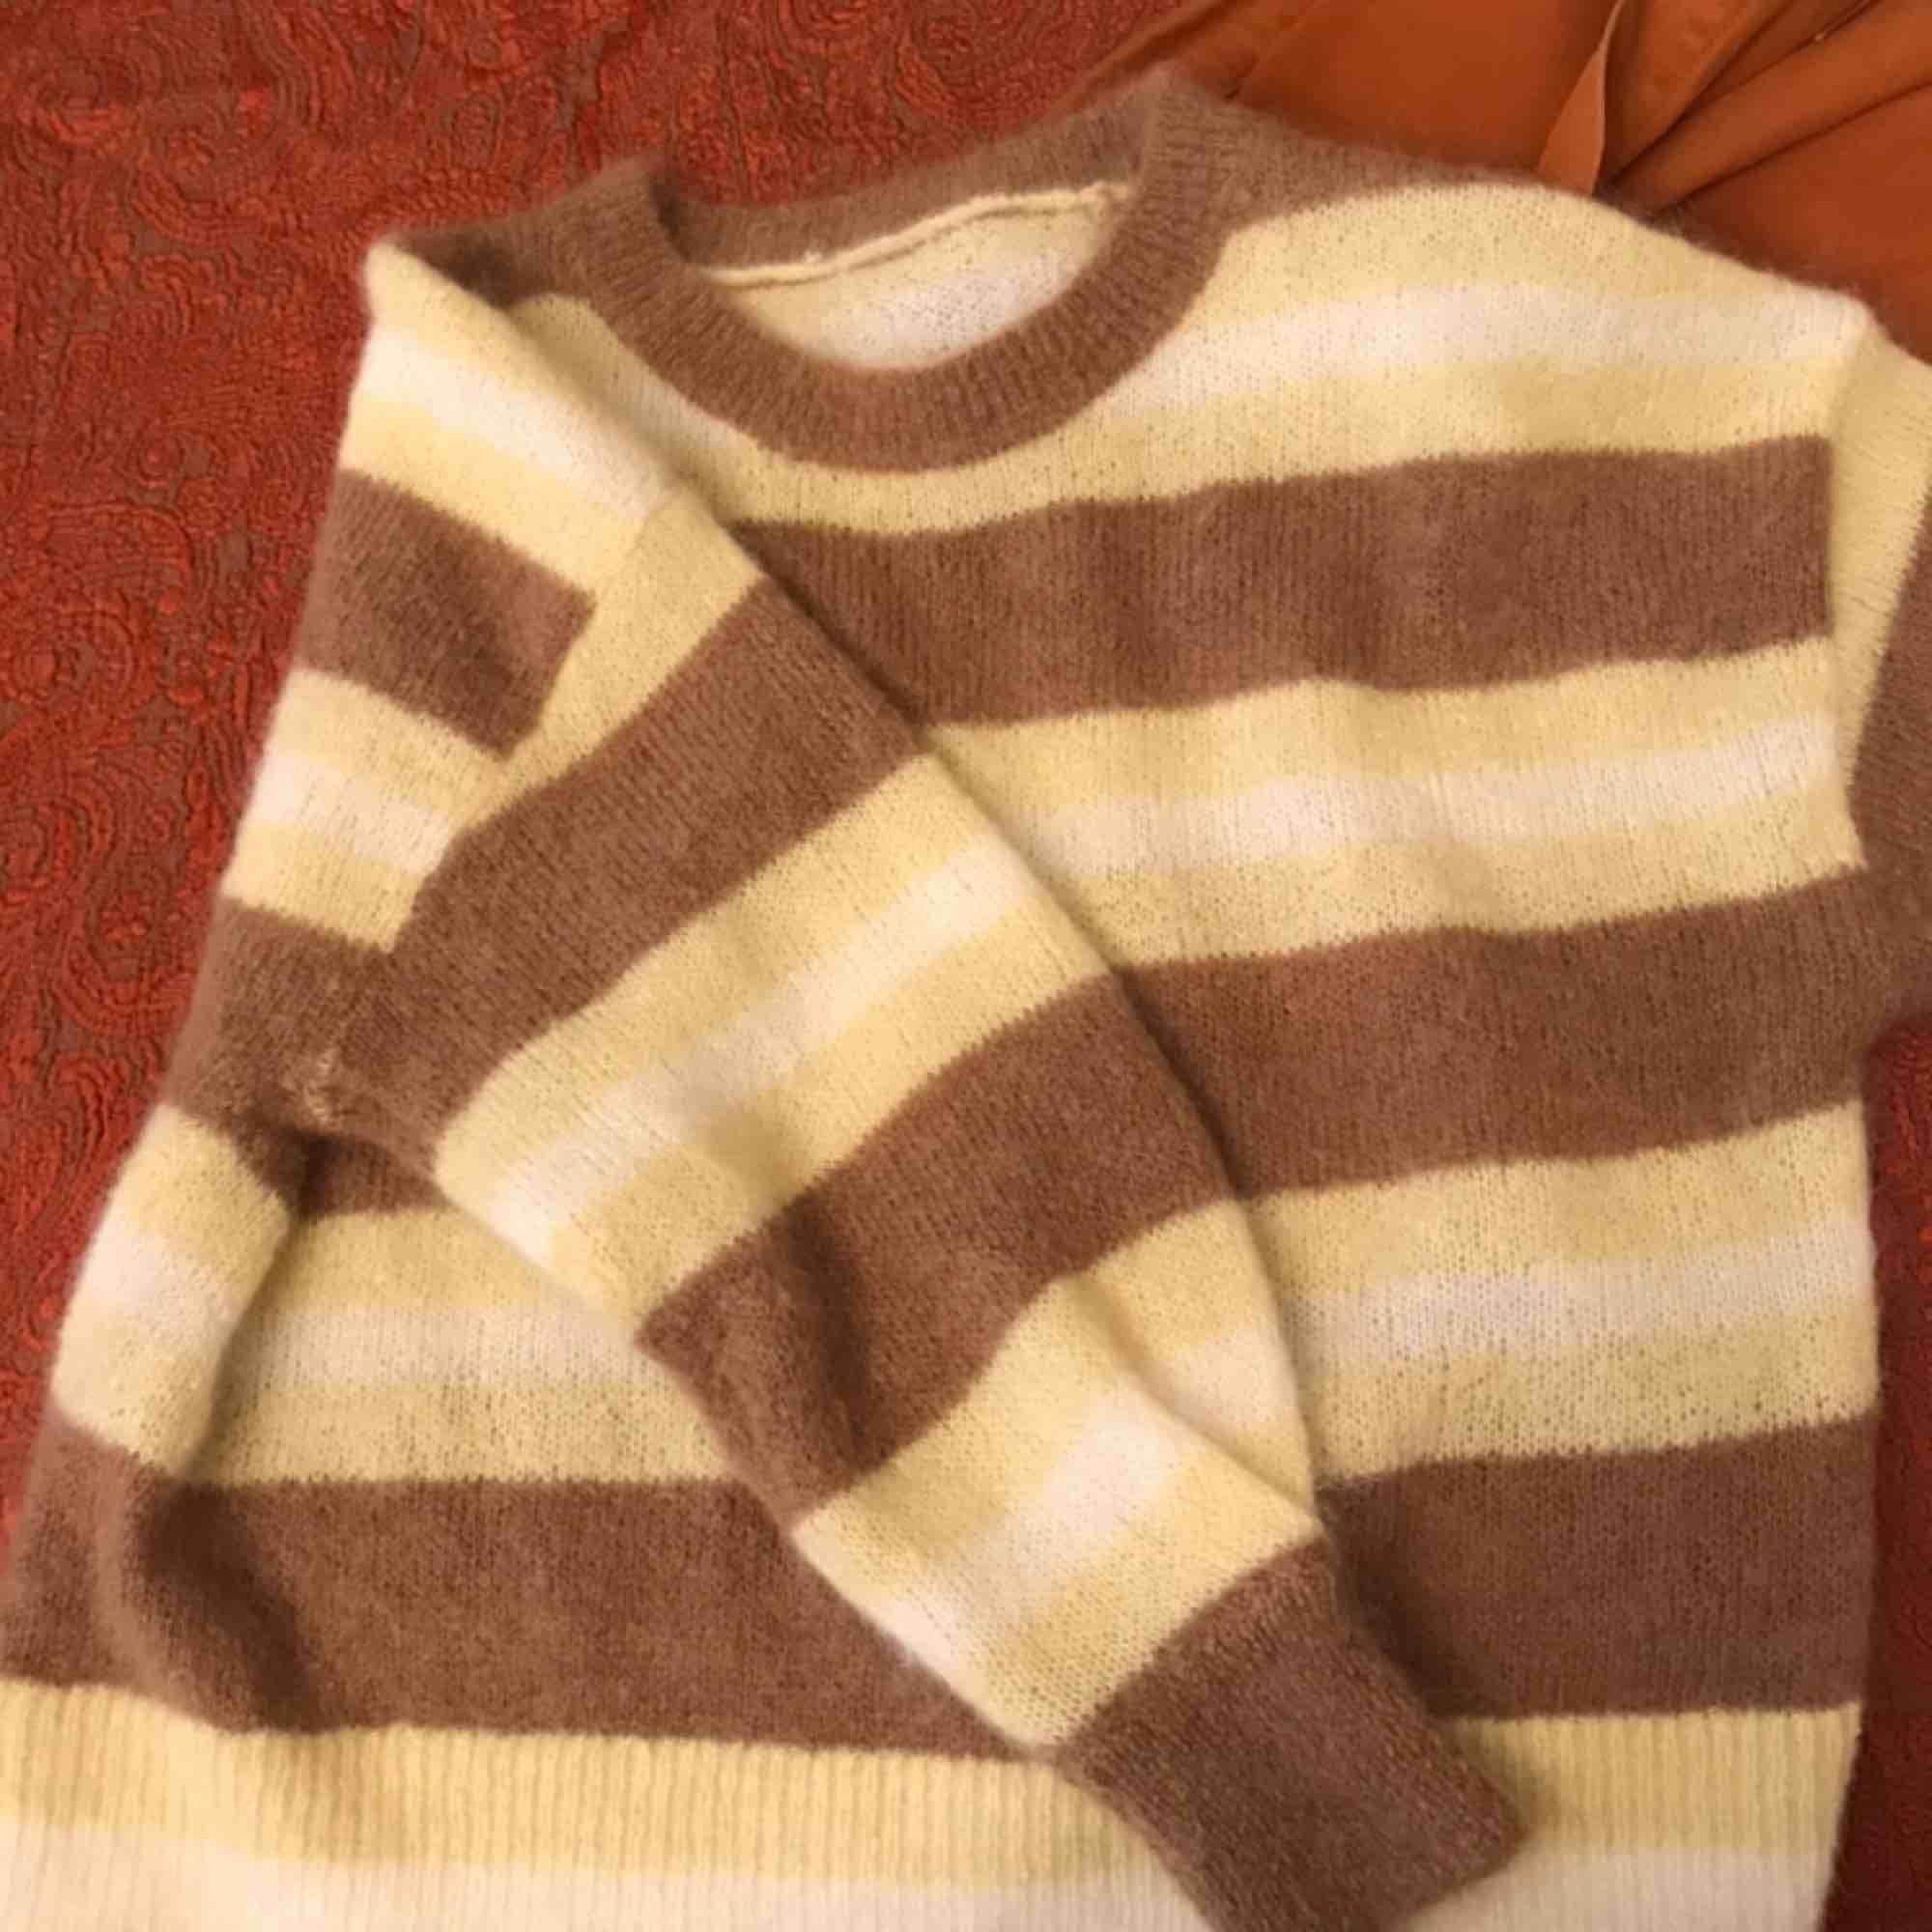 Mohair tröja från hm trend. Har klippt bort lappen i nacken för den kliade. Tröjan är super härlig och varm och sitter snyggt oversize men färgerna passar inte på mig. Nypris 500. Huvtröjor & Träningströjor.